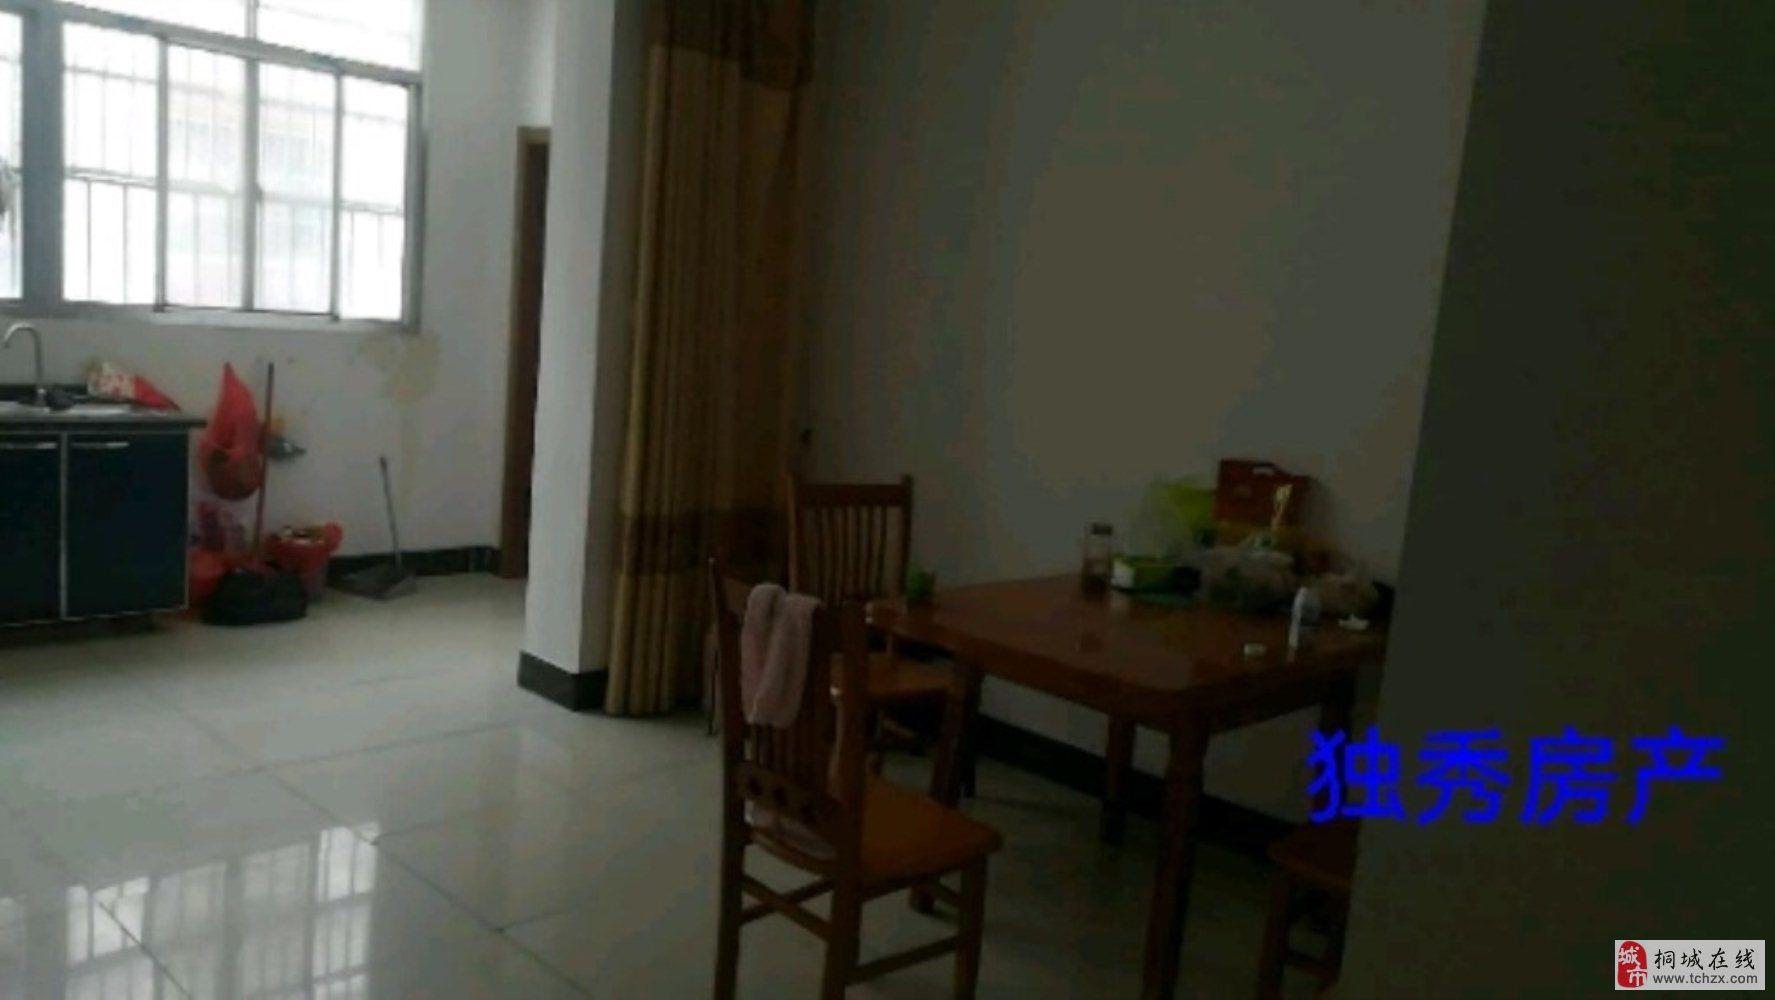 兴尔旺1室1厅1卫价格美丽